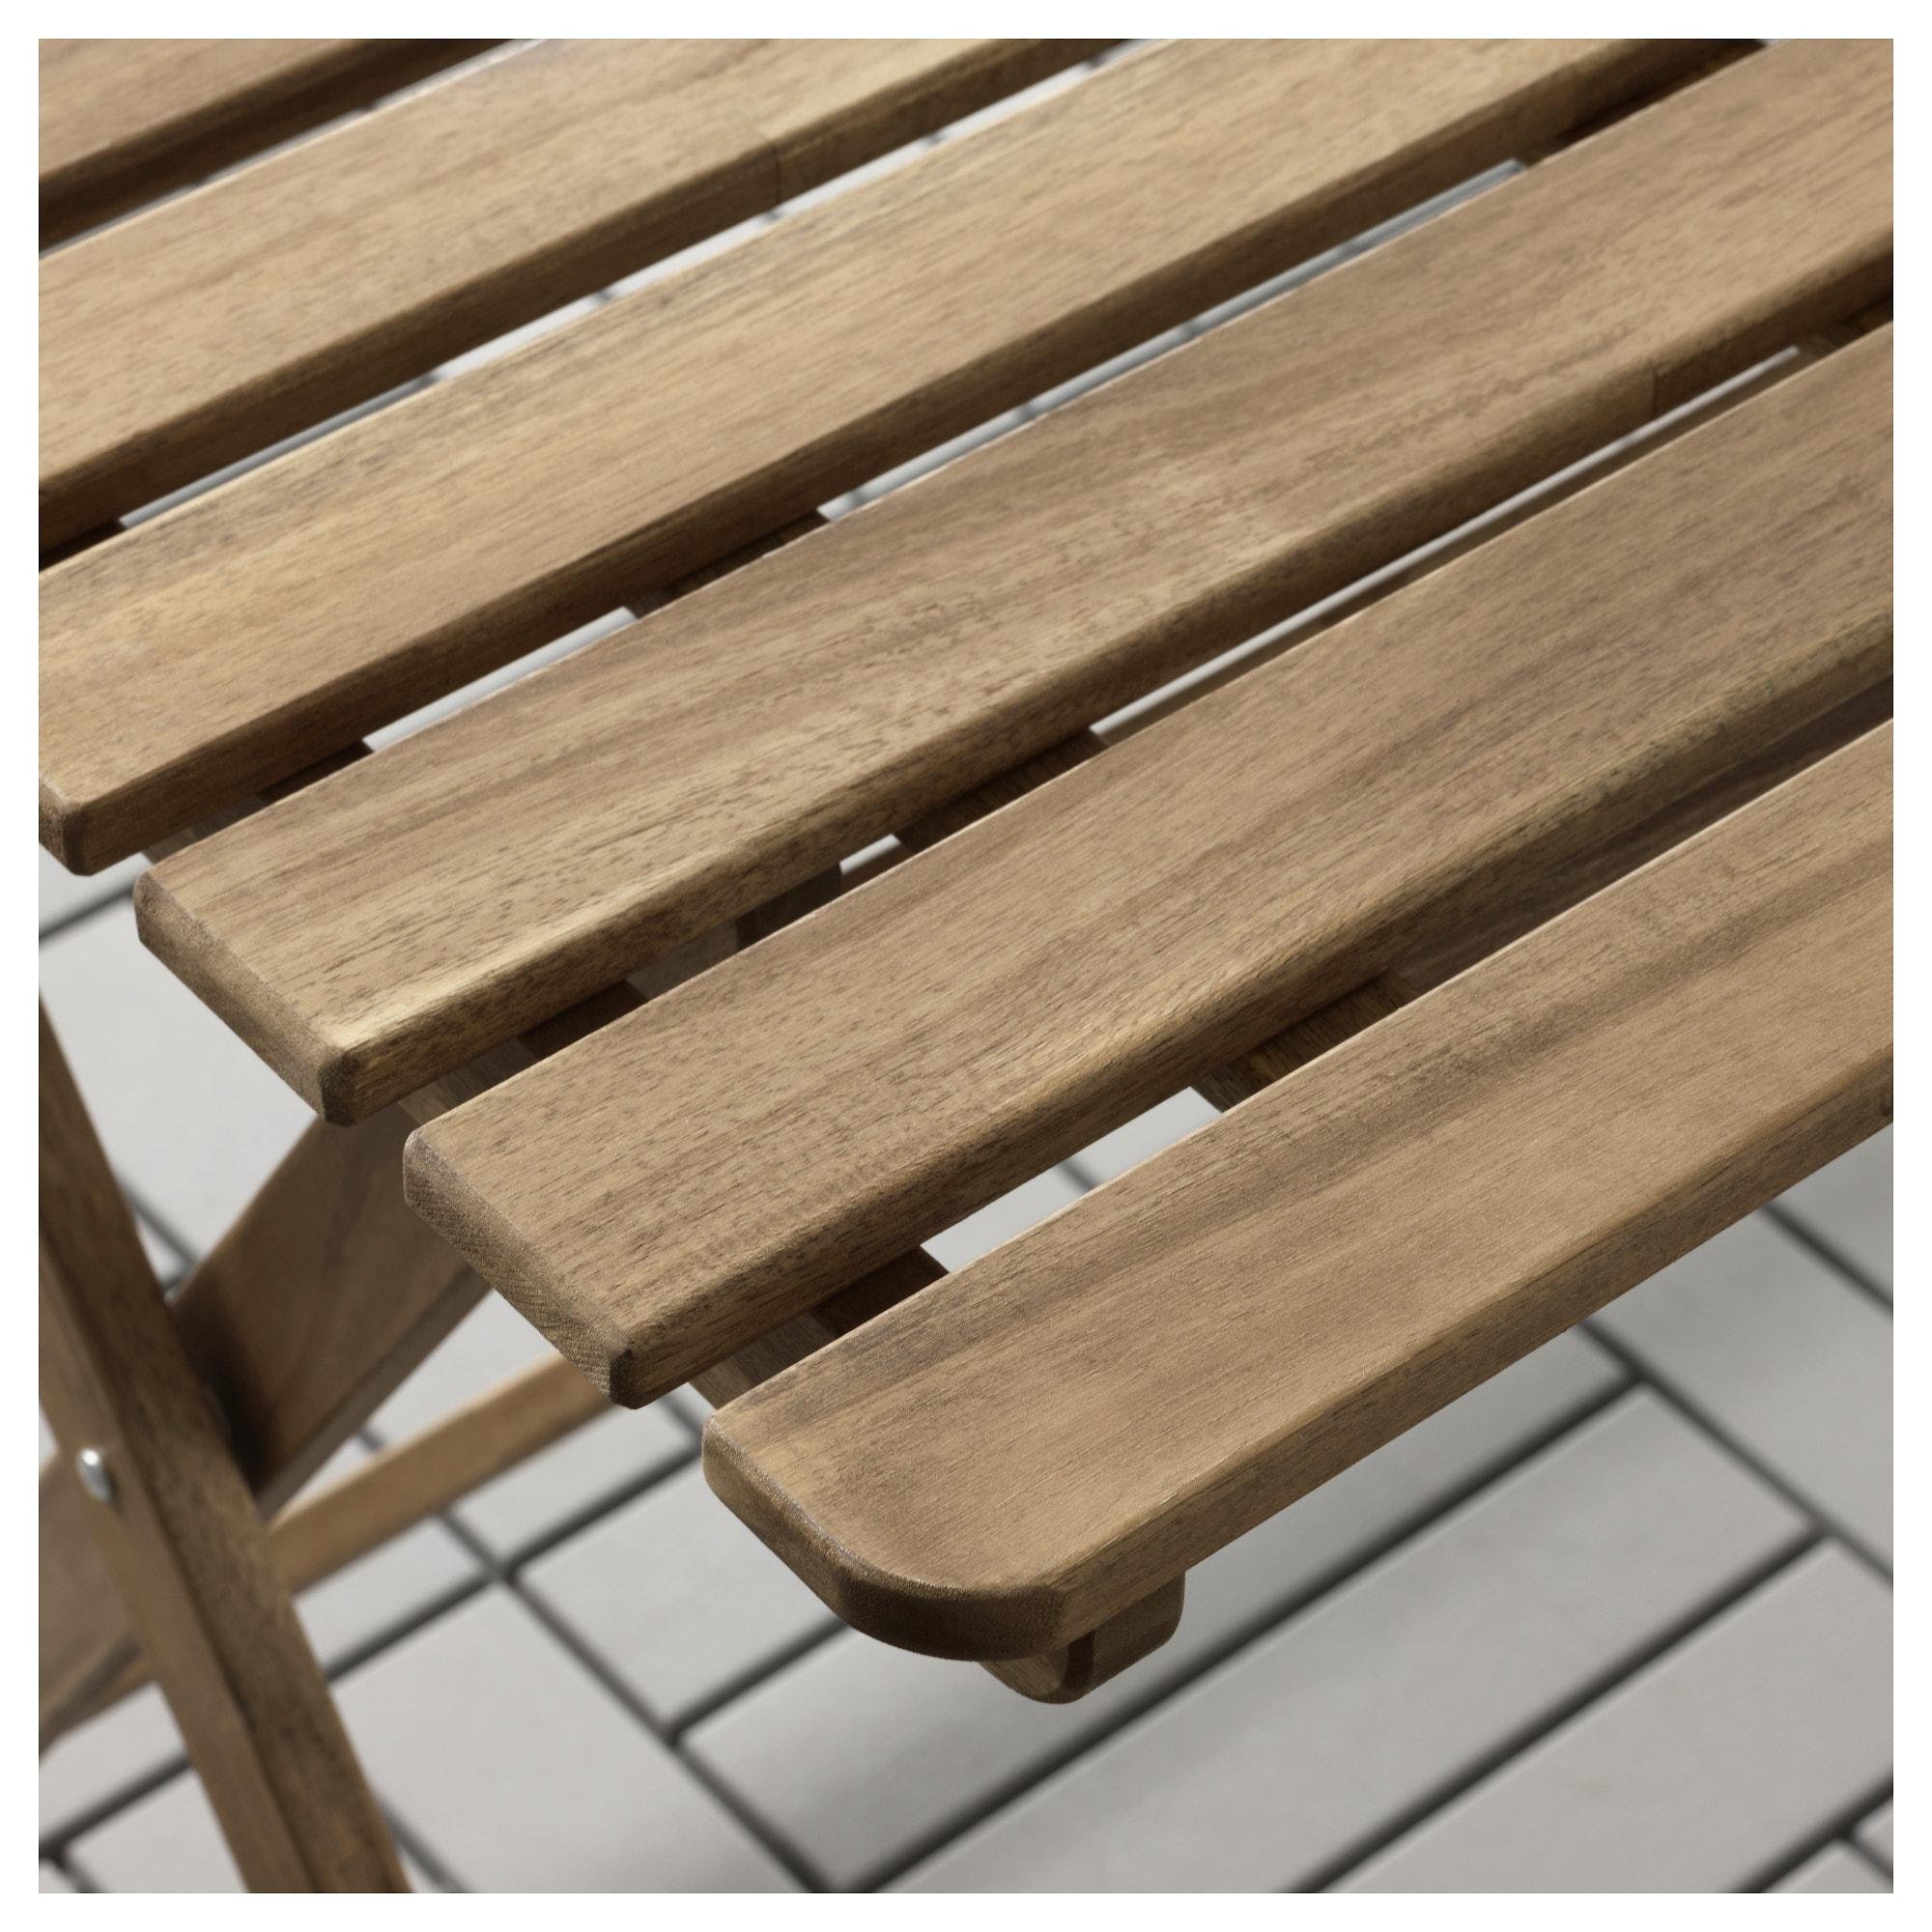 Стол + 4 стула, для сада АСКХОЛЬМЕН синий артикуль № 792.288.87 в наличии. Online каталог ИКЕА Беларусь. Быстрая доставка и монтаж.